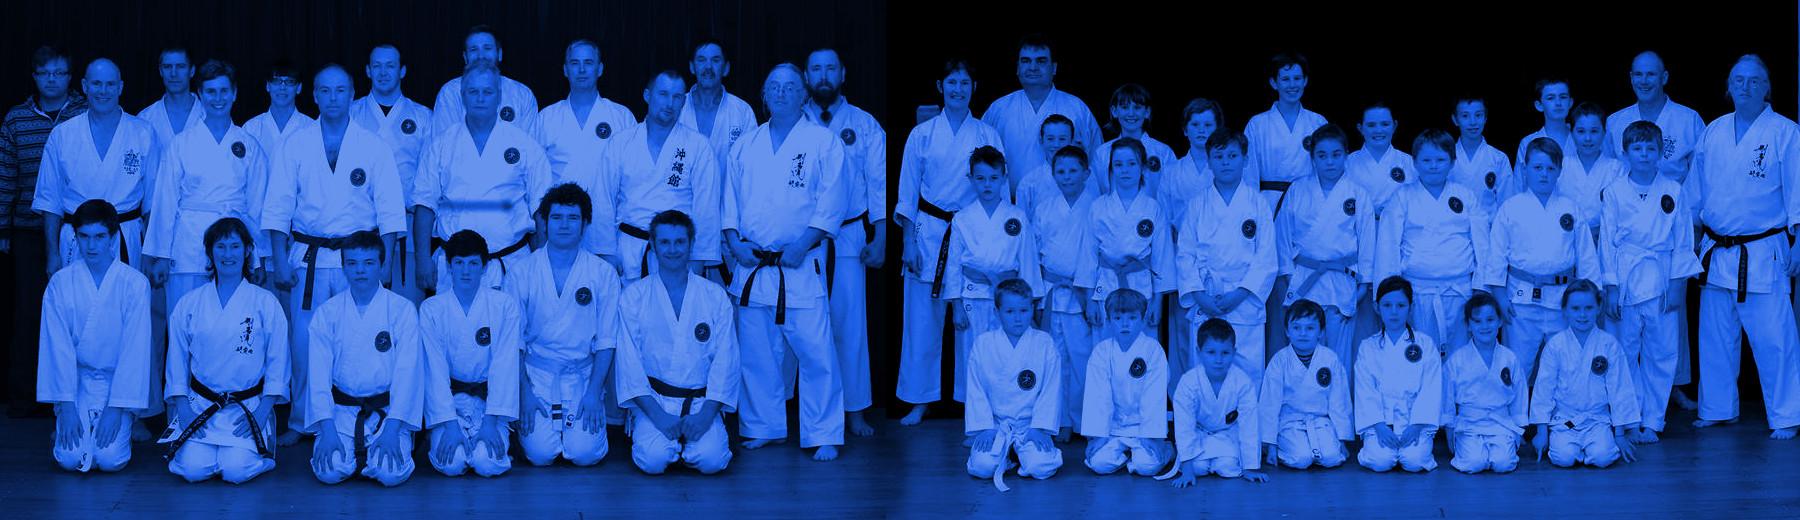 Dunedin Seiden Goju Ryu Karate